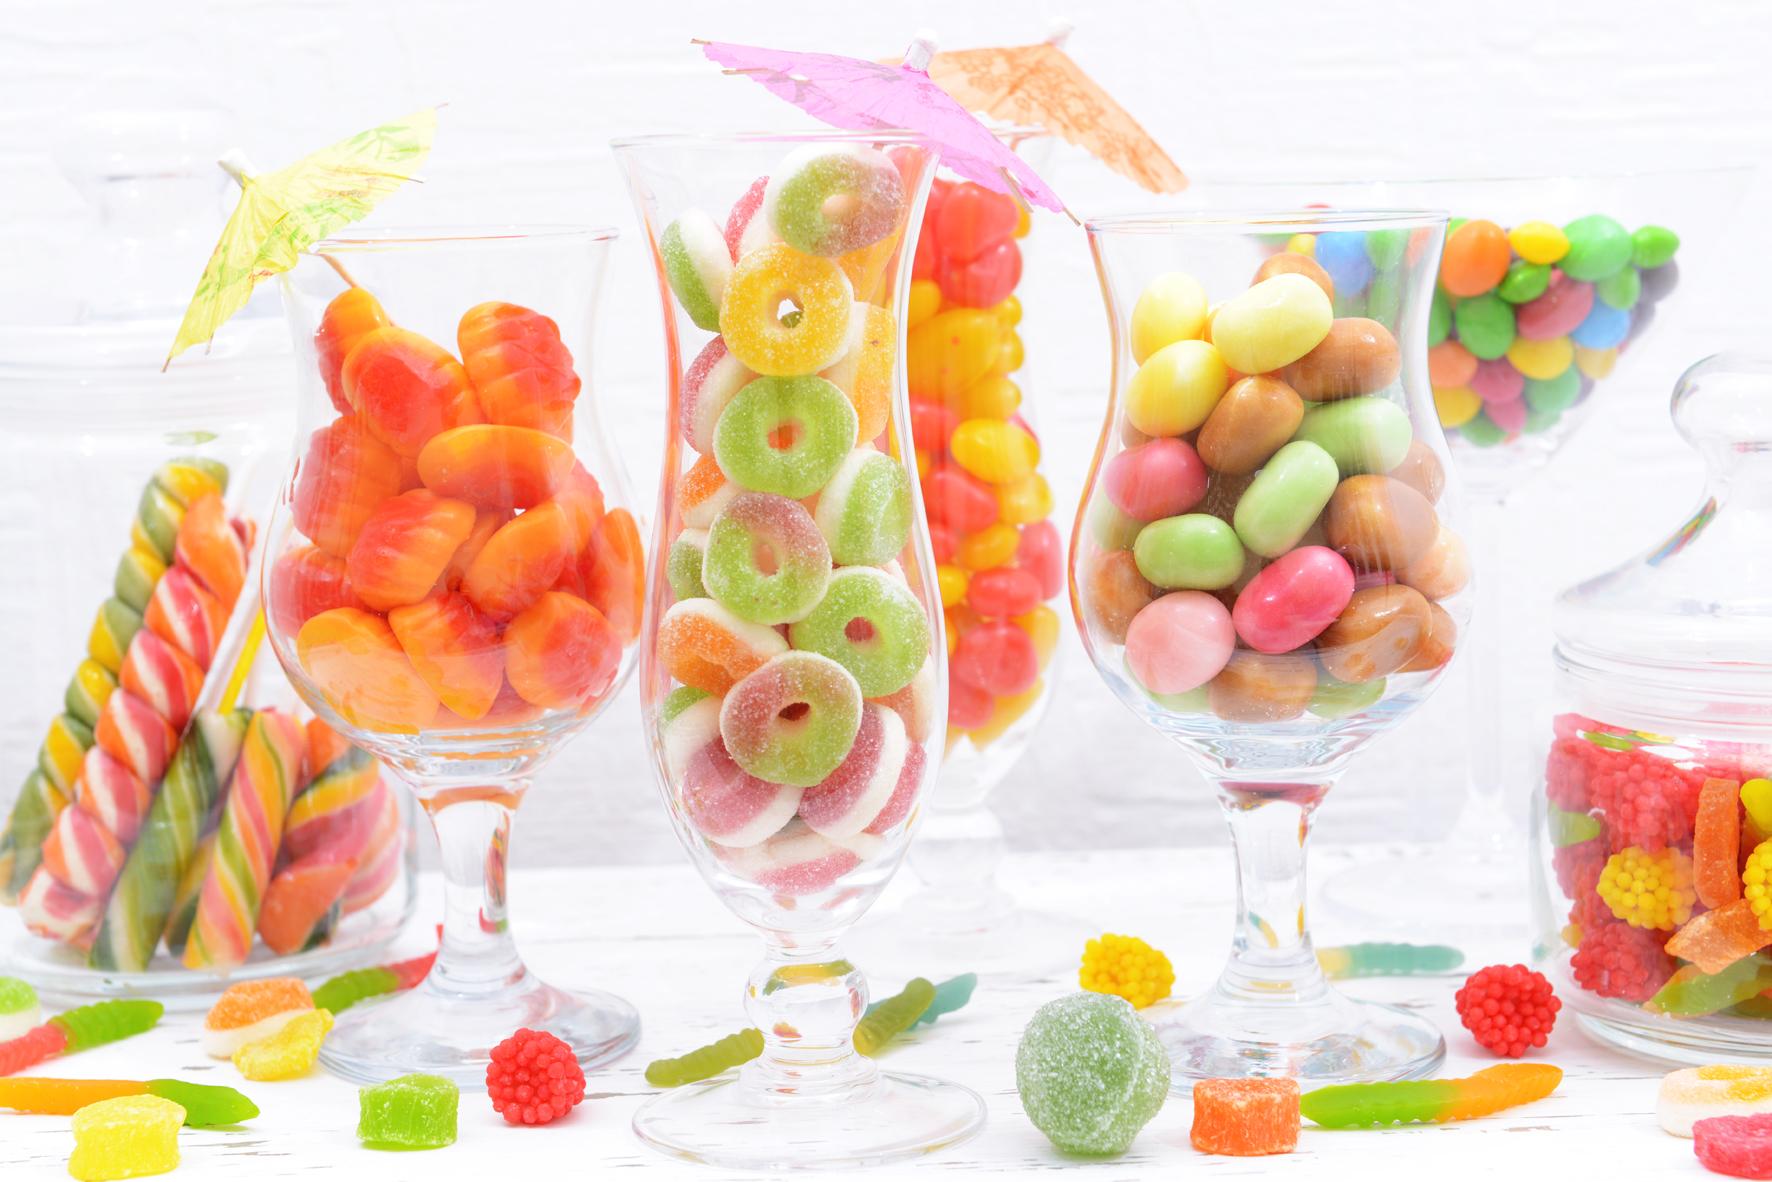 Všechny děti milují sladkosti. A když je parádně naaranžujete, budou čímsi extra.